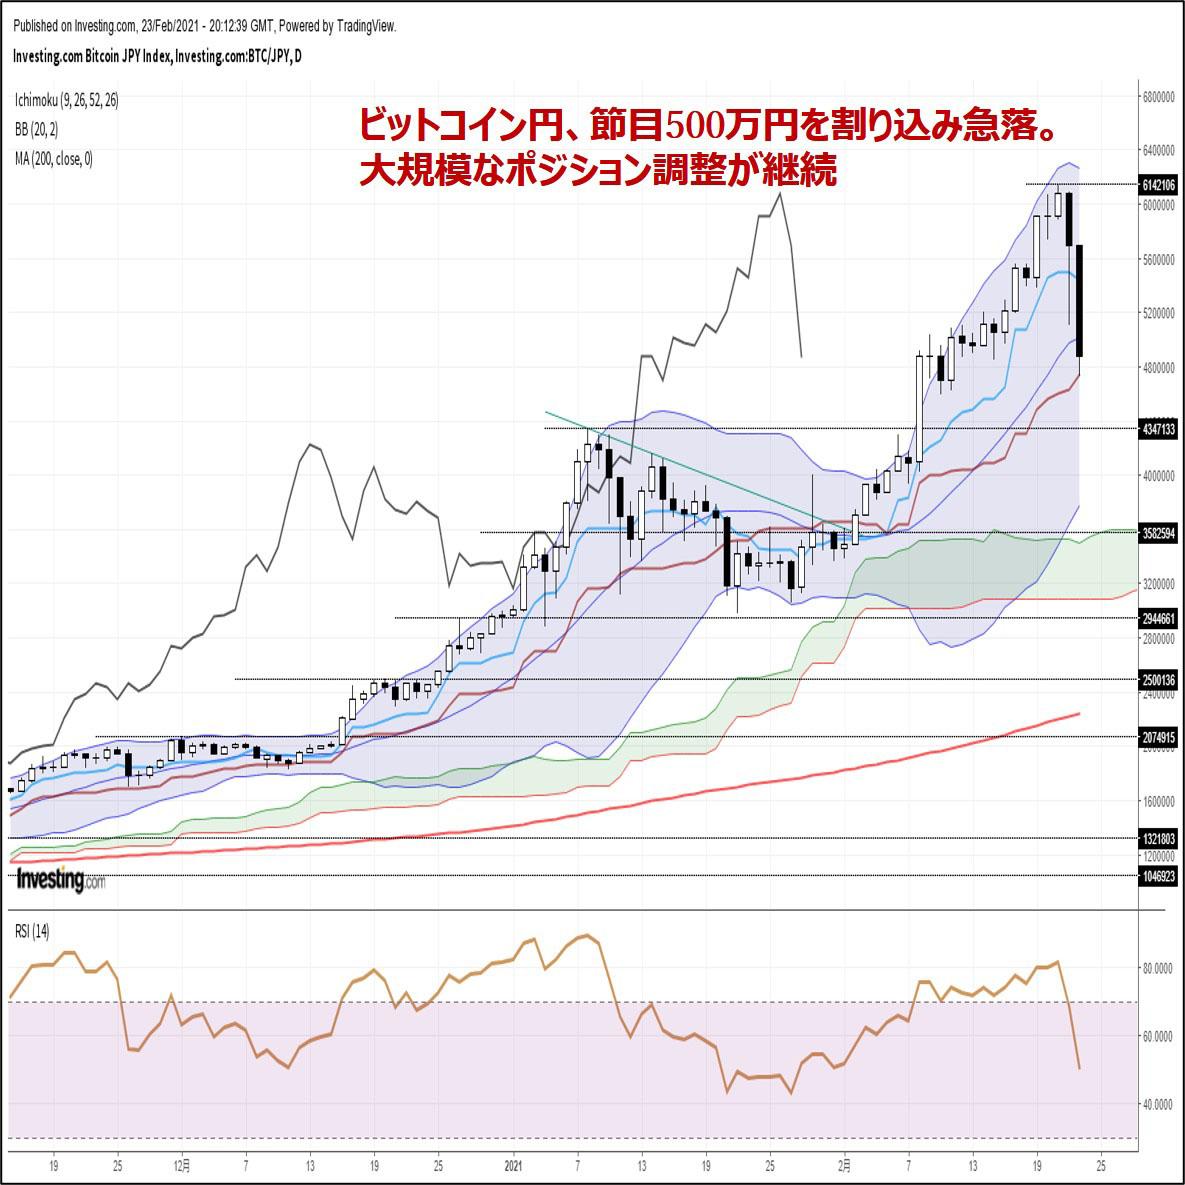 ビットコイン円、節目500万円を割り込み急落。大規模なポジション調整が継続(2/24朝)